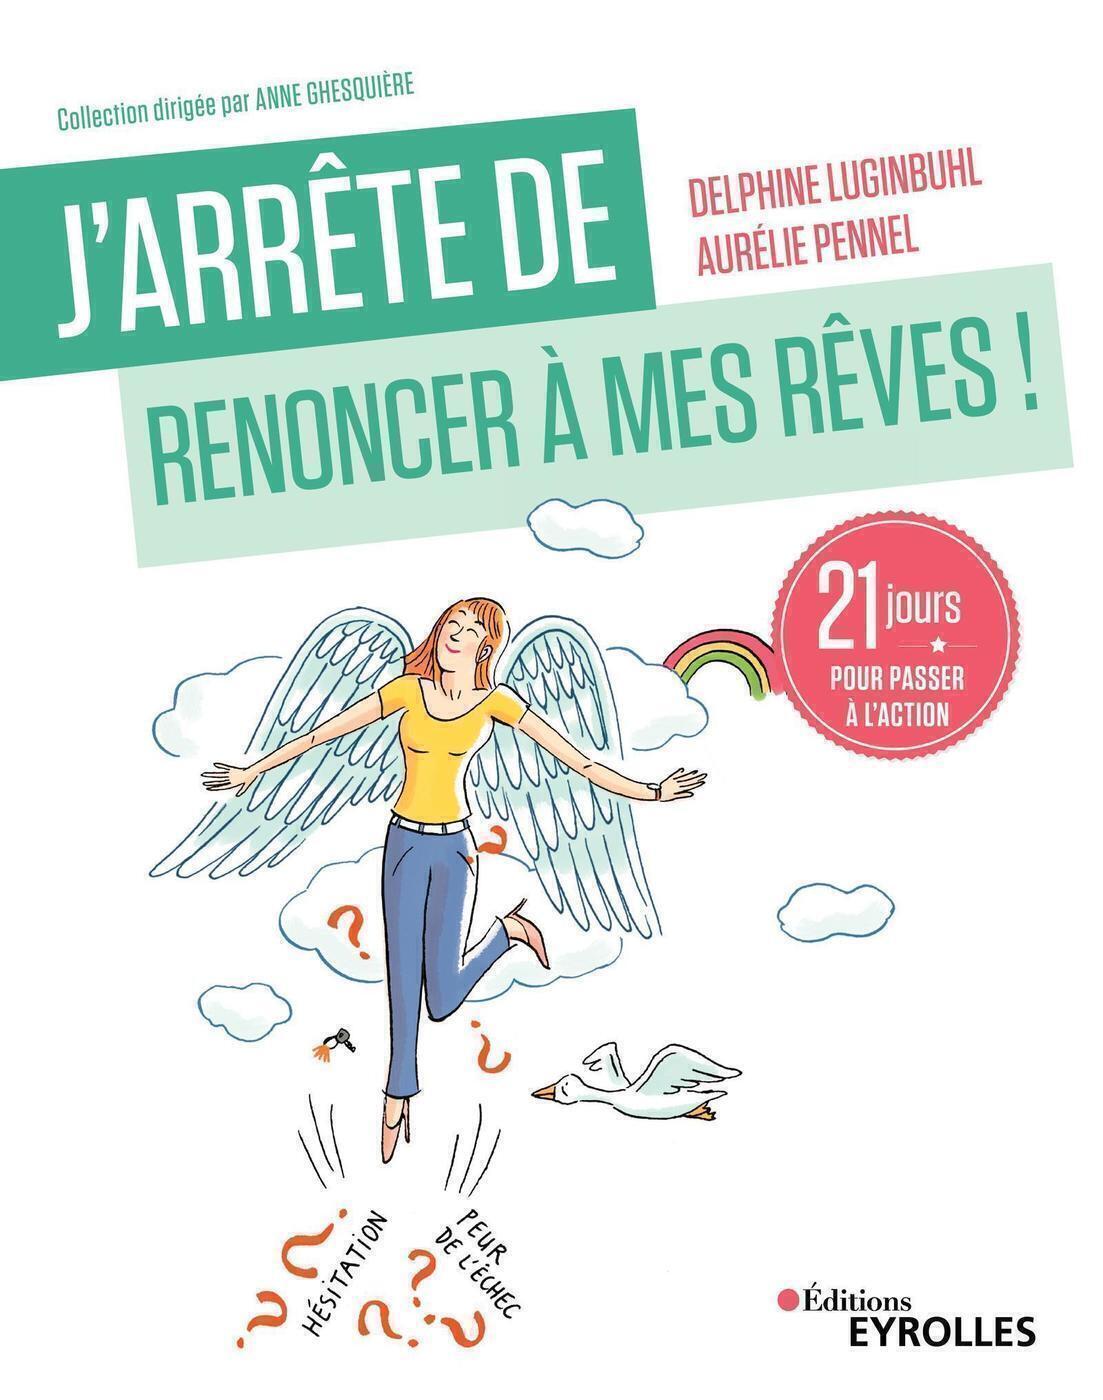 J'ARRETE DE RENONCER A MES REVES ! - 21 JOURS POUR PASSER A L'ACTION